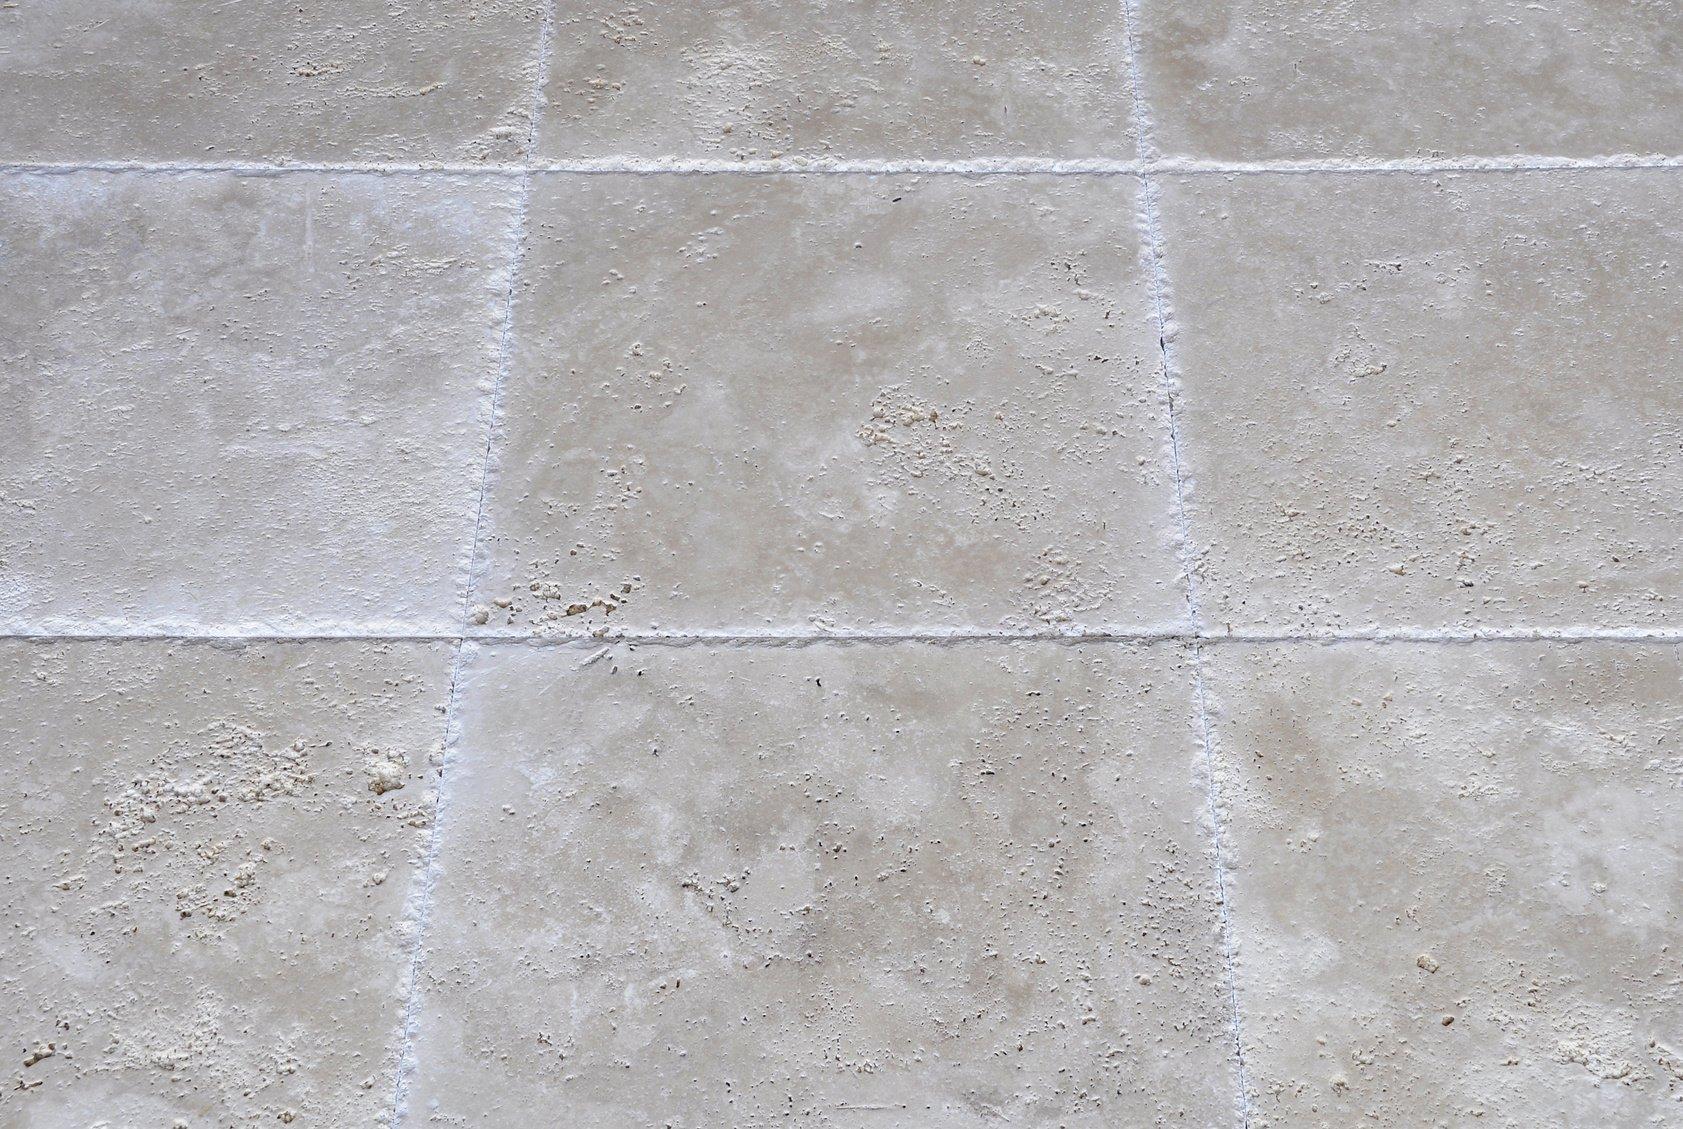 Carrelage extérieur antidérapant pour escalier - Atwebster.fr - Maison et mobilier